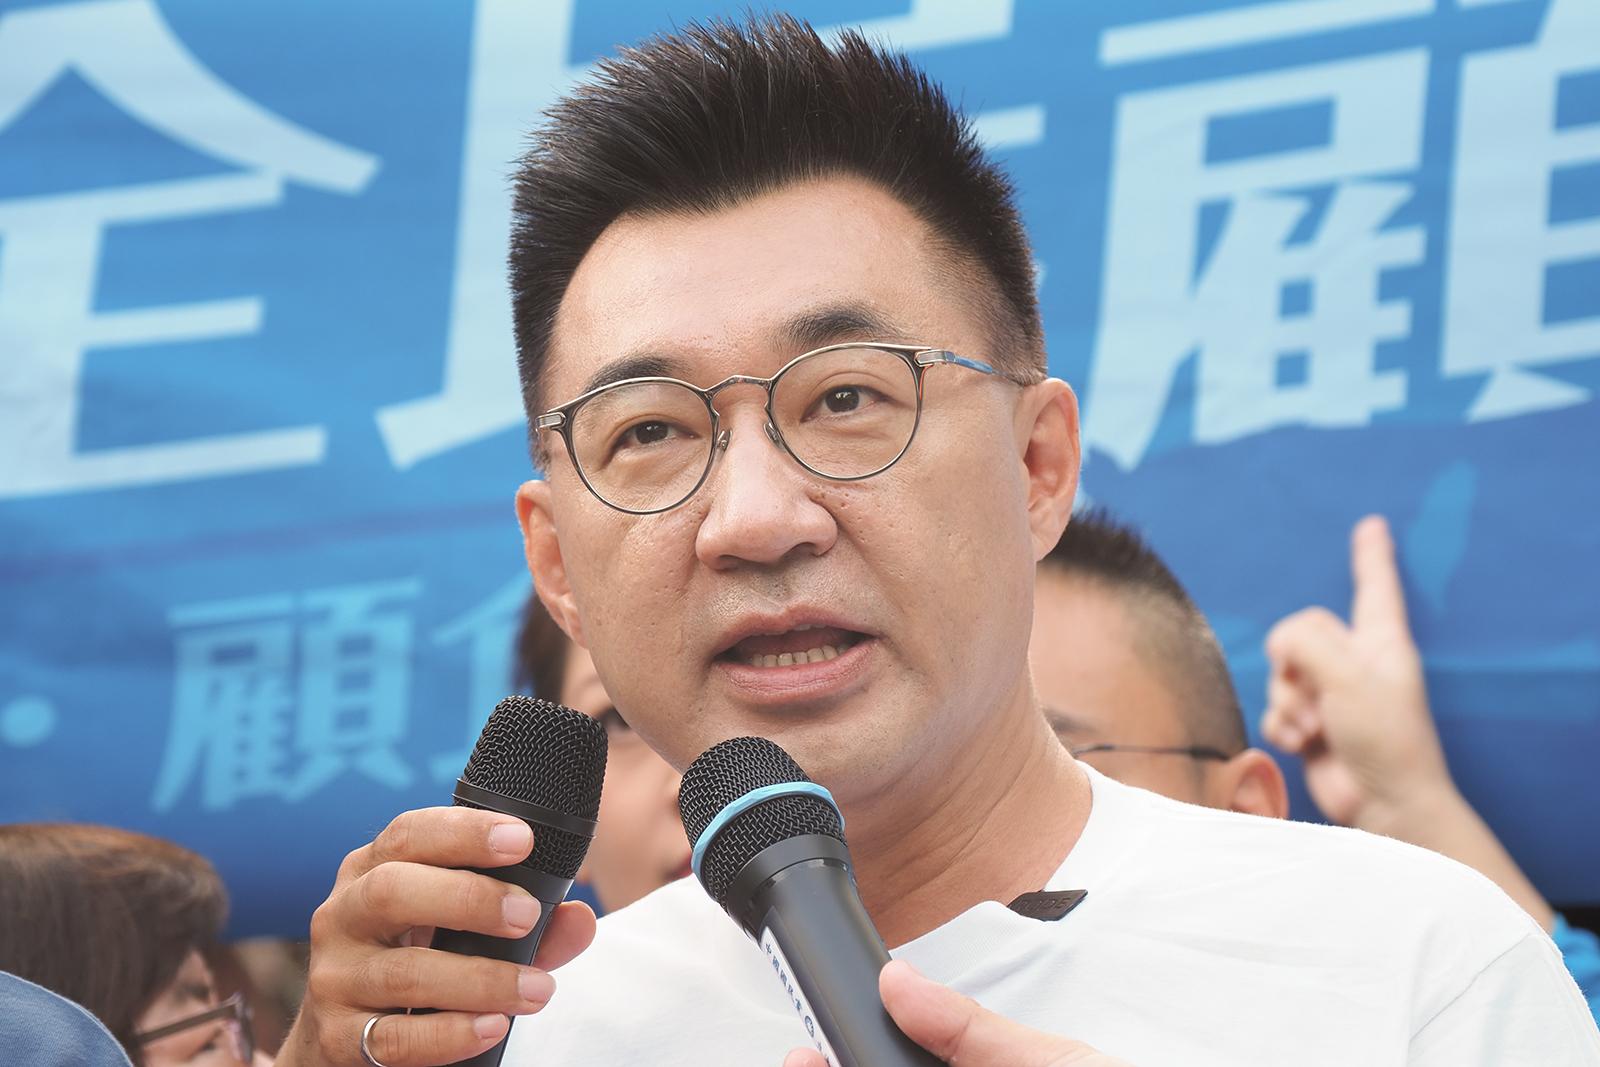 2020年9月14日,國民黨主席江啟臣:民進黨政府口口聲聲說撐香港,港人偷渡事件證明撐香港只是說說而已。(鍾廣政 攝)